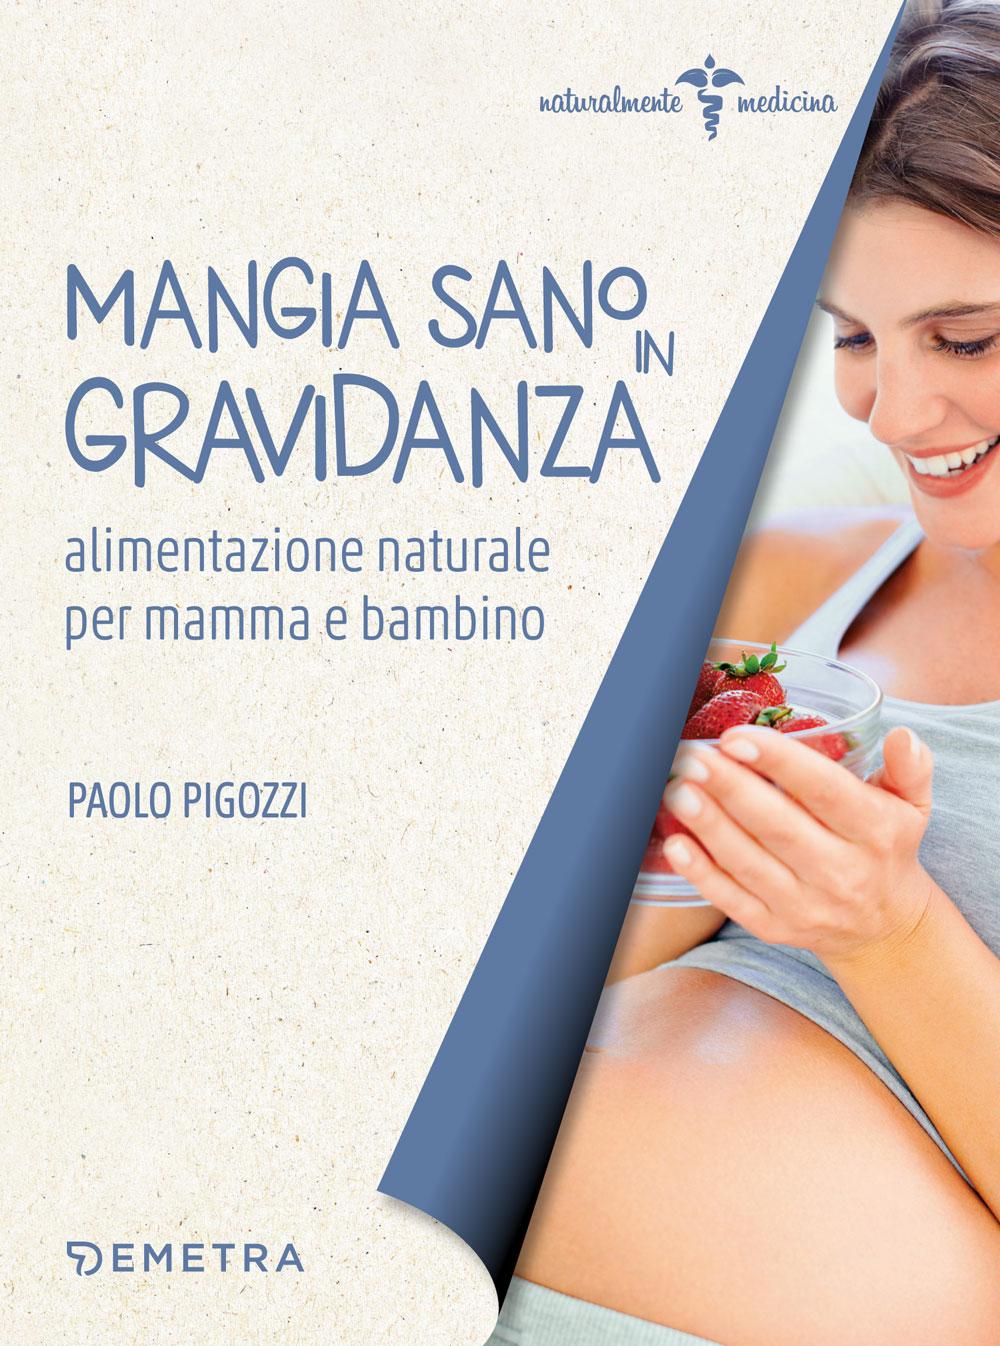 Mangia sano in gravidanza